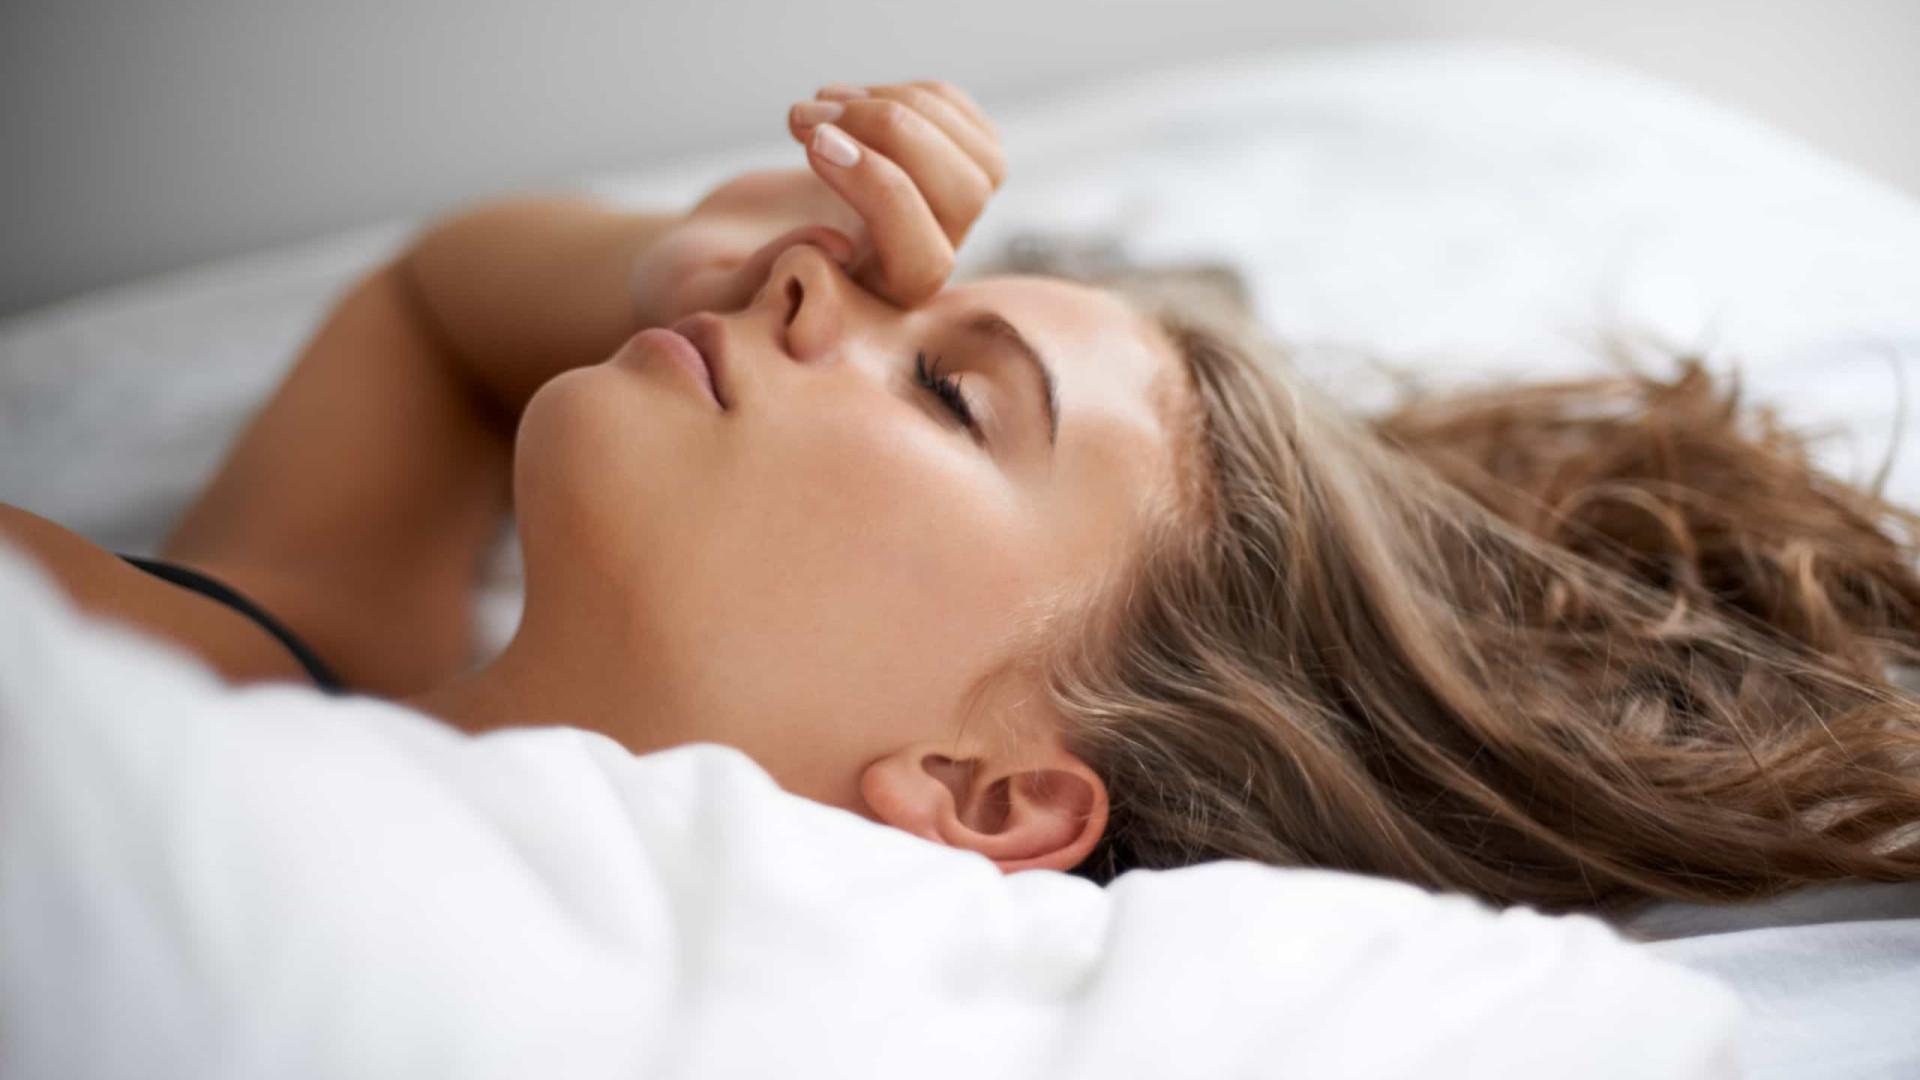 Cheirar a roupa de alguém que ama ajuda a dormir melhor